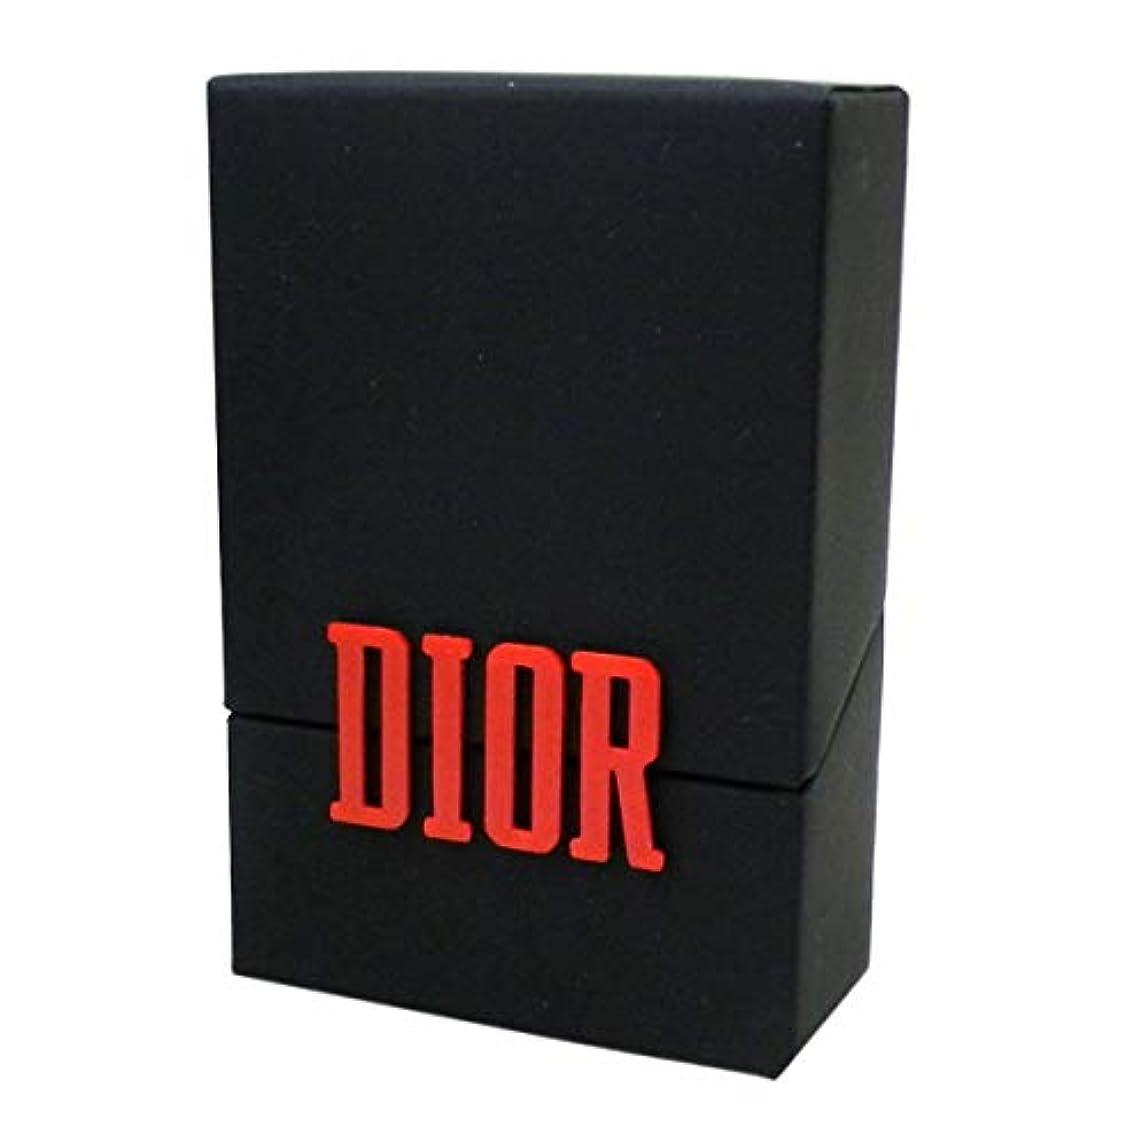 ペインギリックより生まれDior ディオール リップルージュ#999 リップ ポーチ ギフト 化粧 メイク 赤 レッド 口紅 携帯 持ち運び 箱 ボックス 2本セット セット コスメ